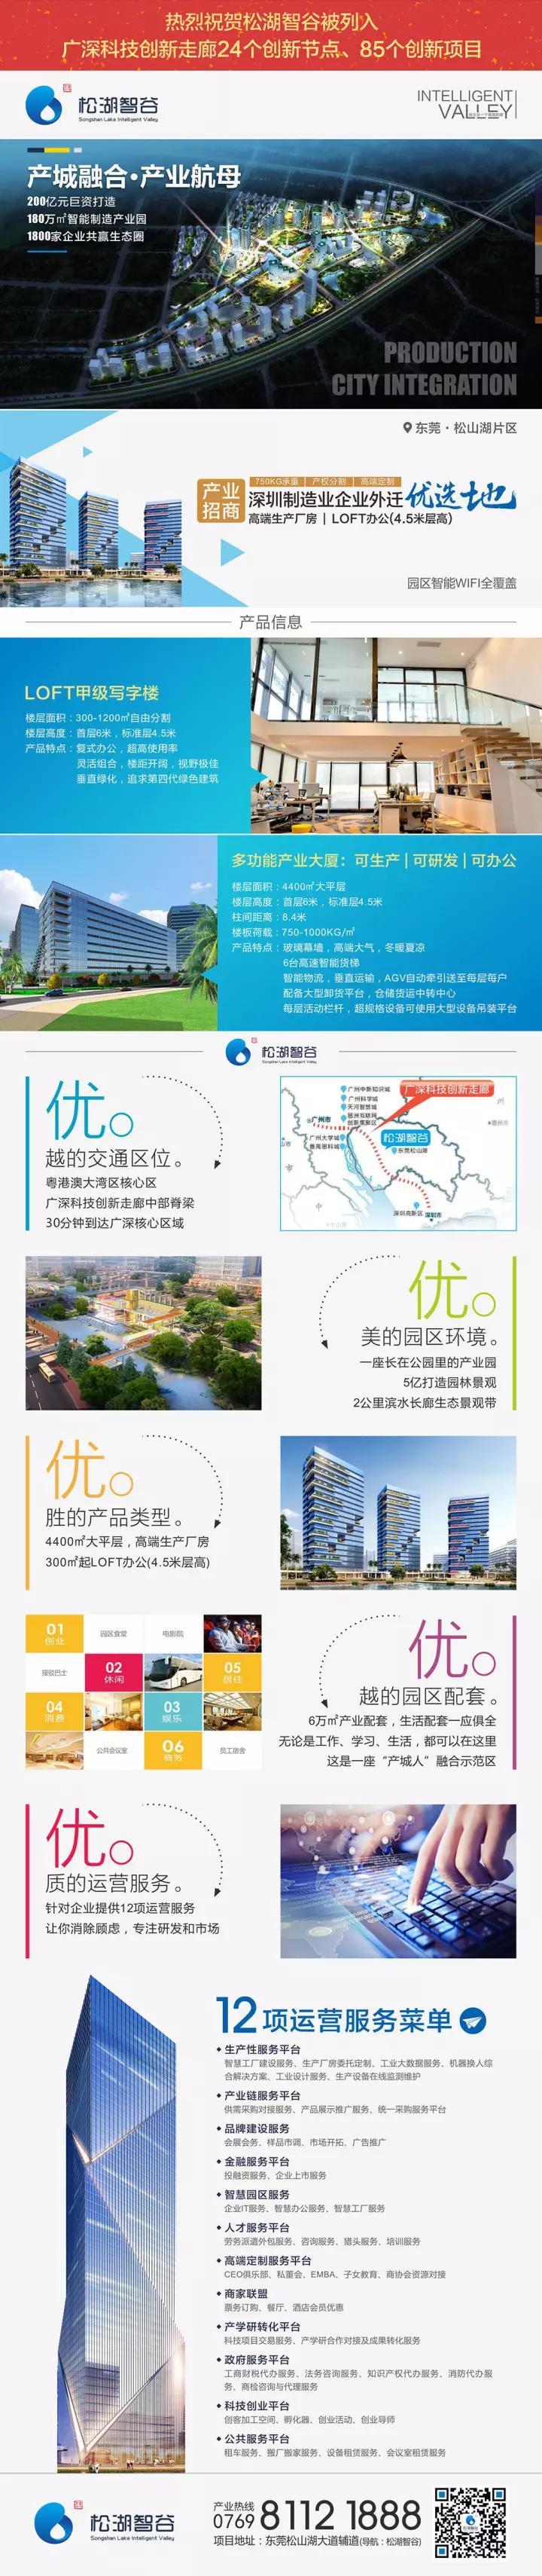 """""""松湖智谷""""被列入广深科技创新走廊24个创新节点、85个创新项目!"""